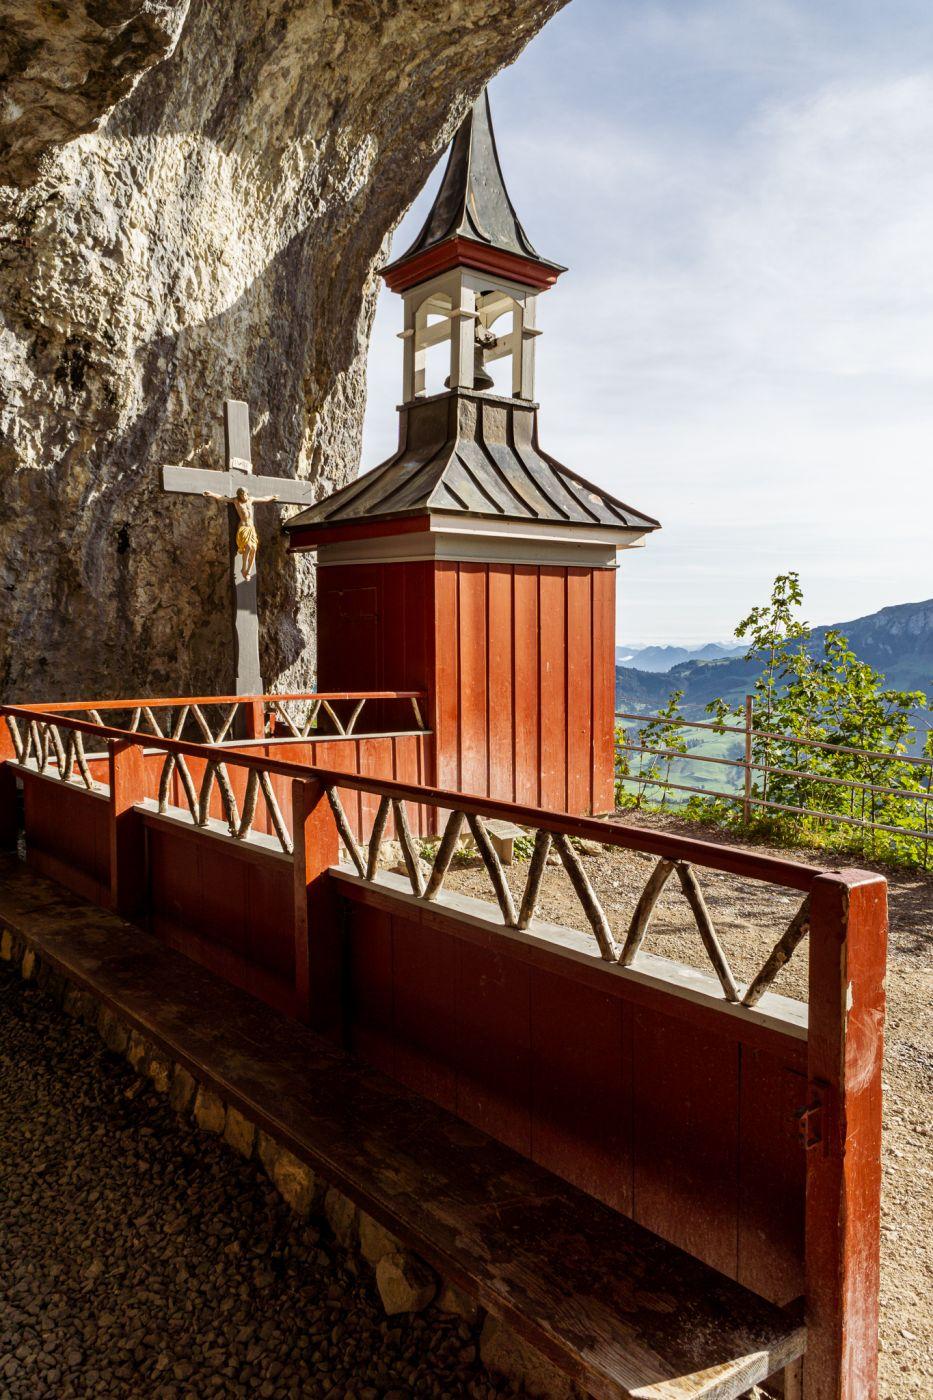 Aescher Wildkirchli (Kapelle St. Michael), Switzerland